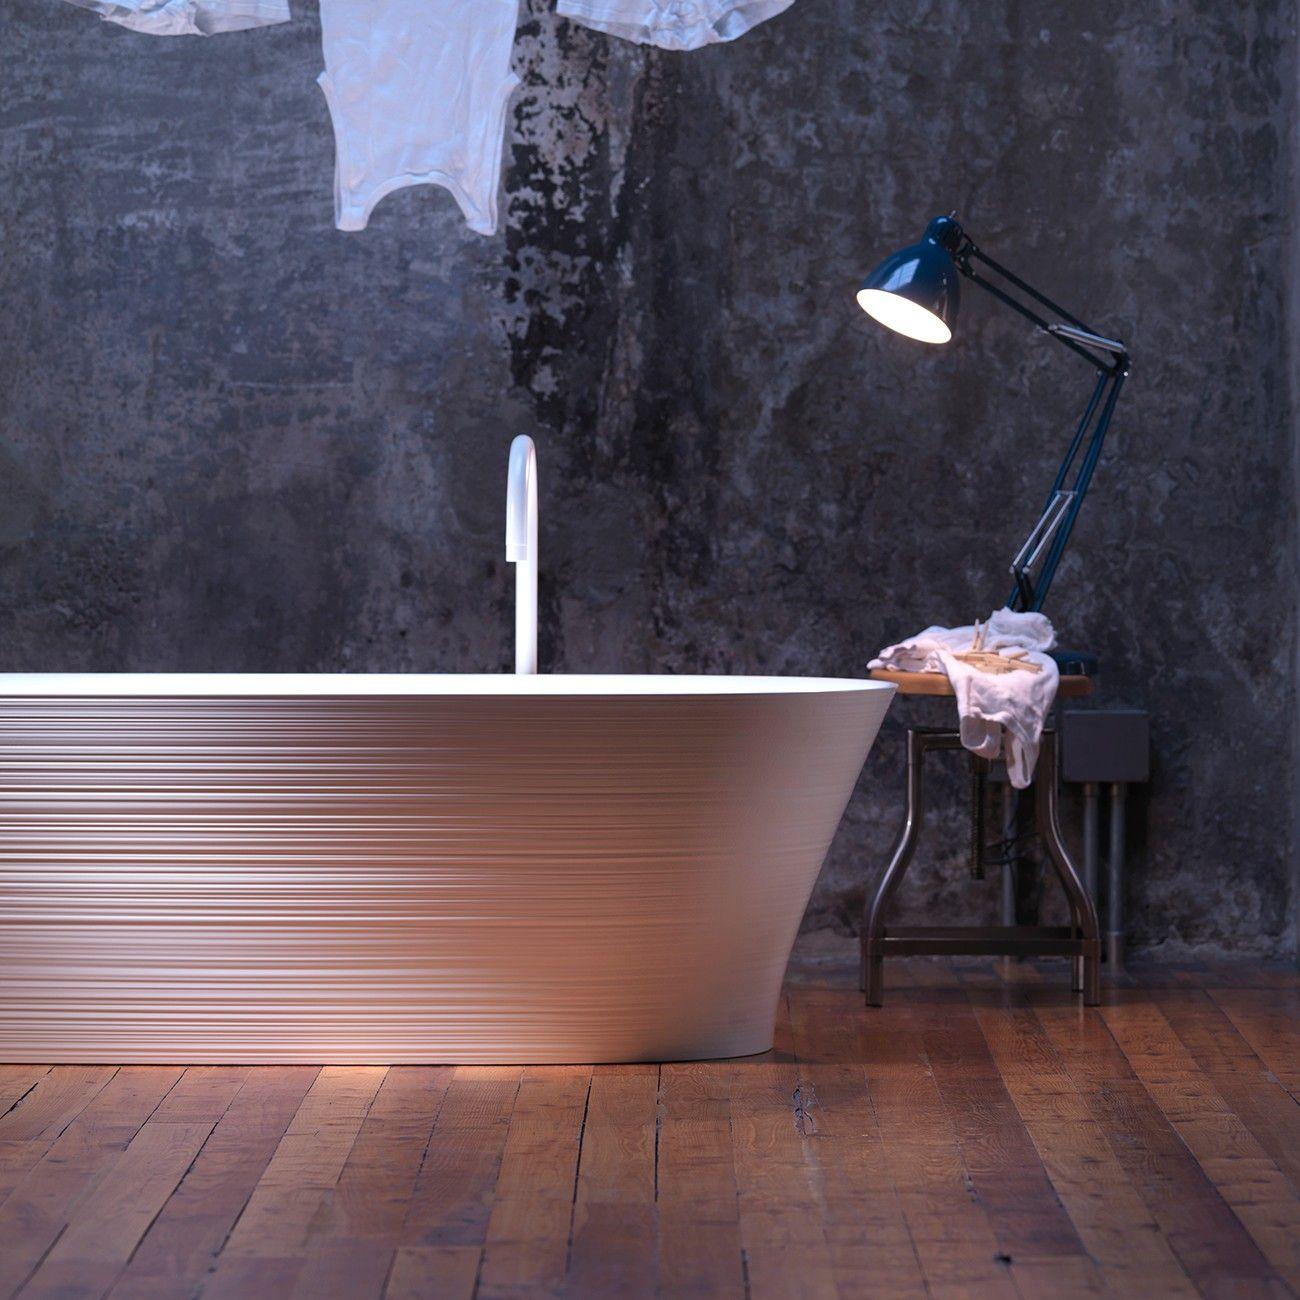 Proposte Di Arredo Bagno scopri le nostre proposte di arredo bagno. | bathtub